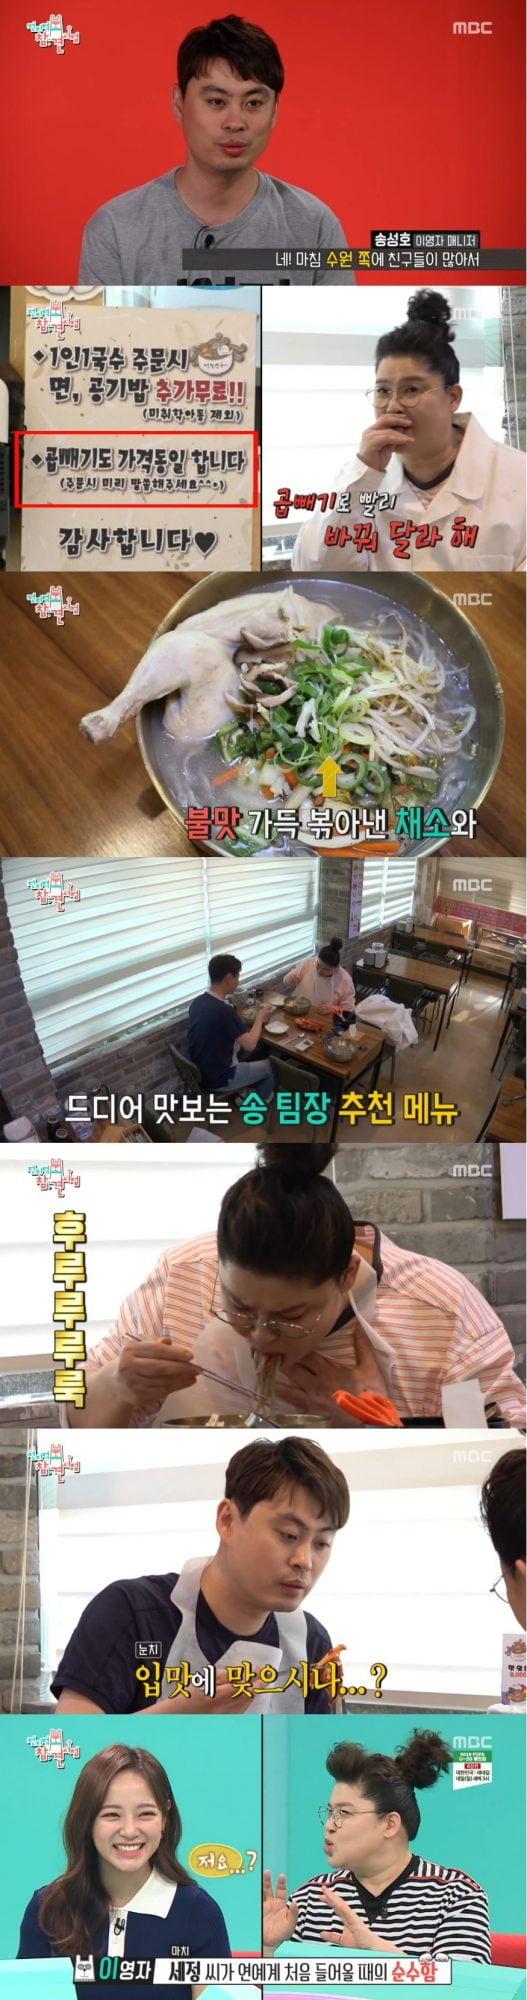 MBC '전지적 참견 시점' 방송화면. /